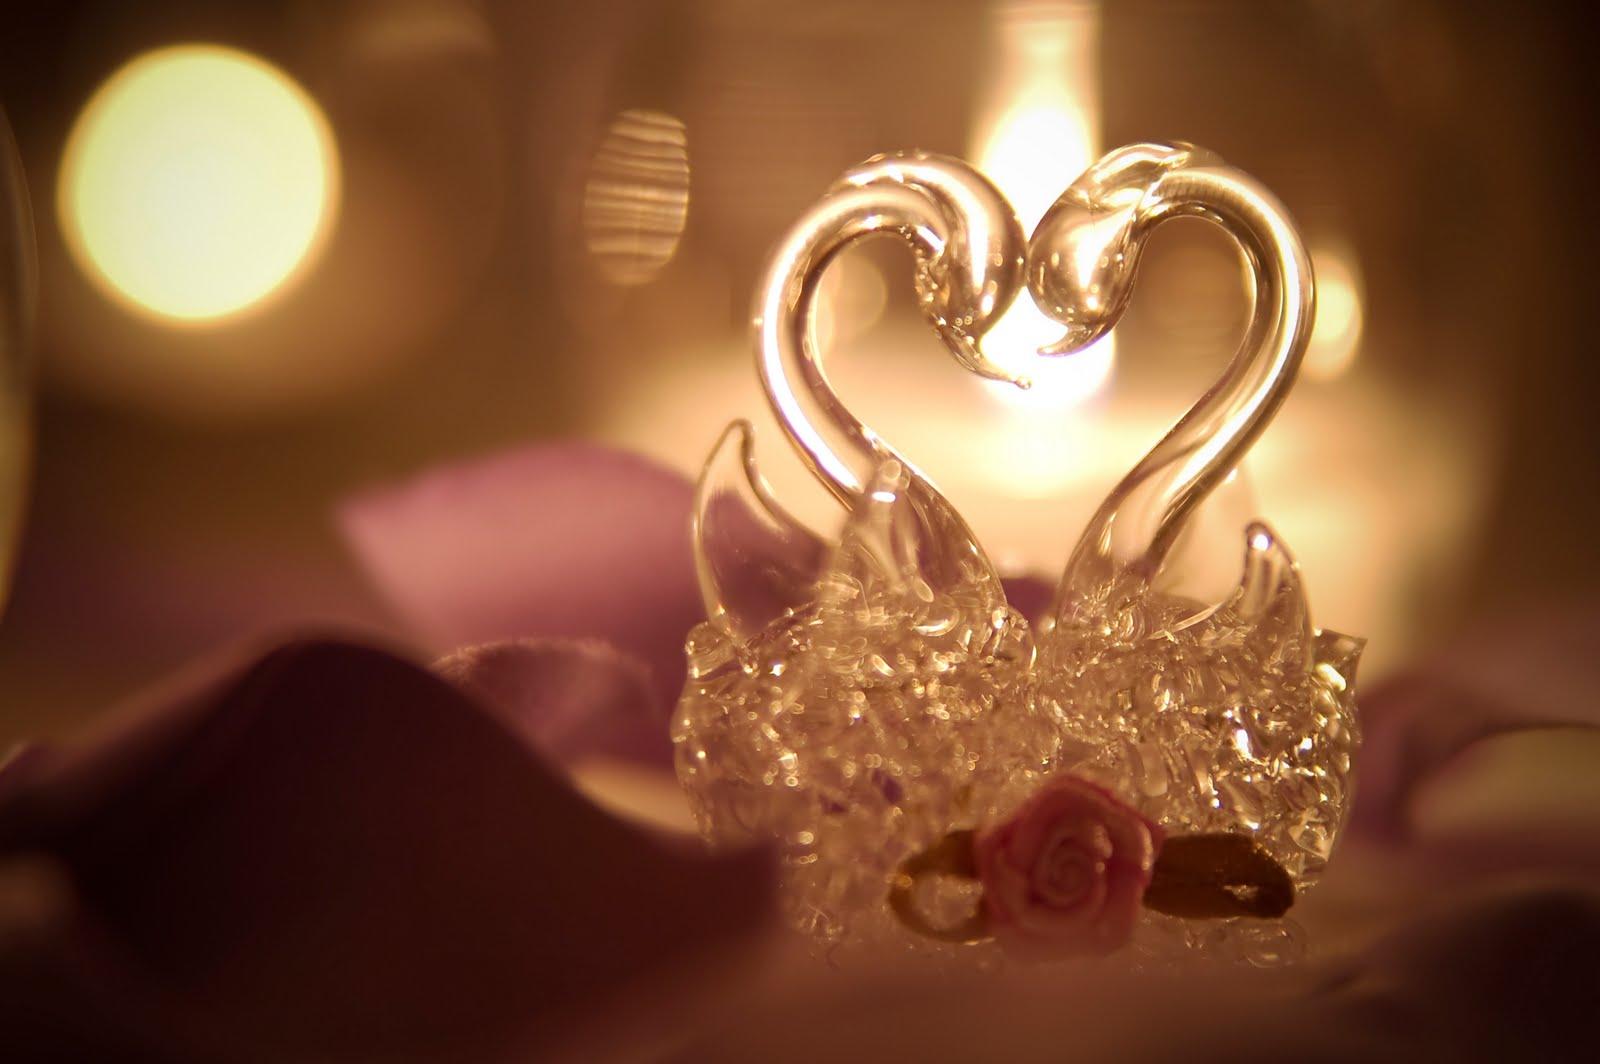 Поздравление мужу с месяцем свадьбы » Красивые слова 87